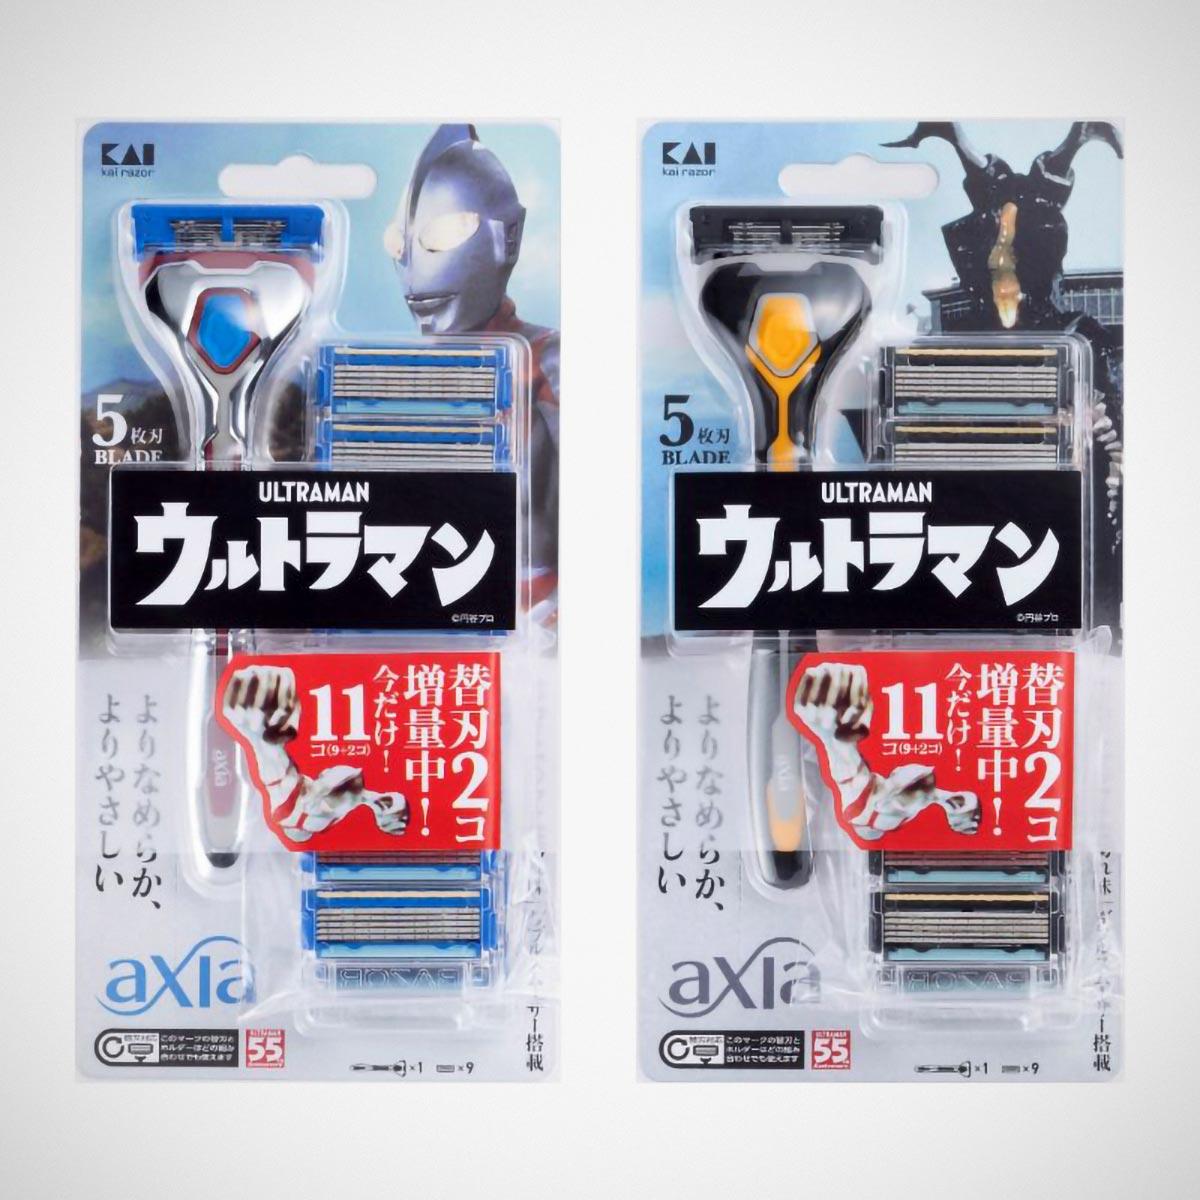 Kai Razor x Ultraman Kai Razor Axia